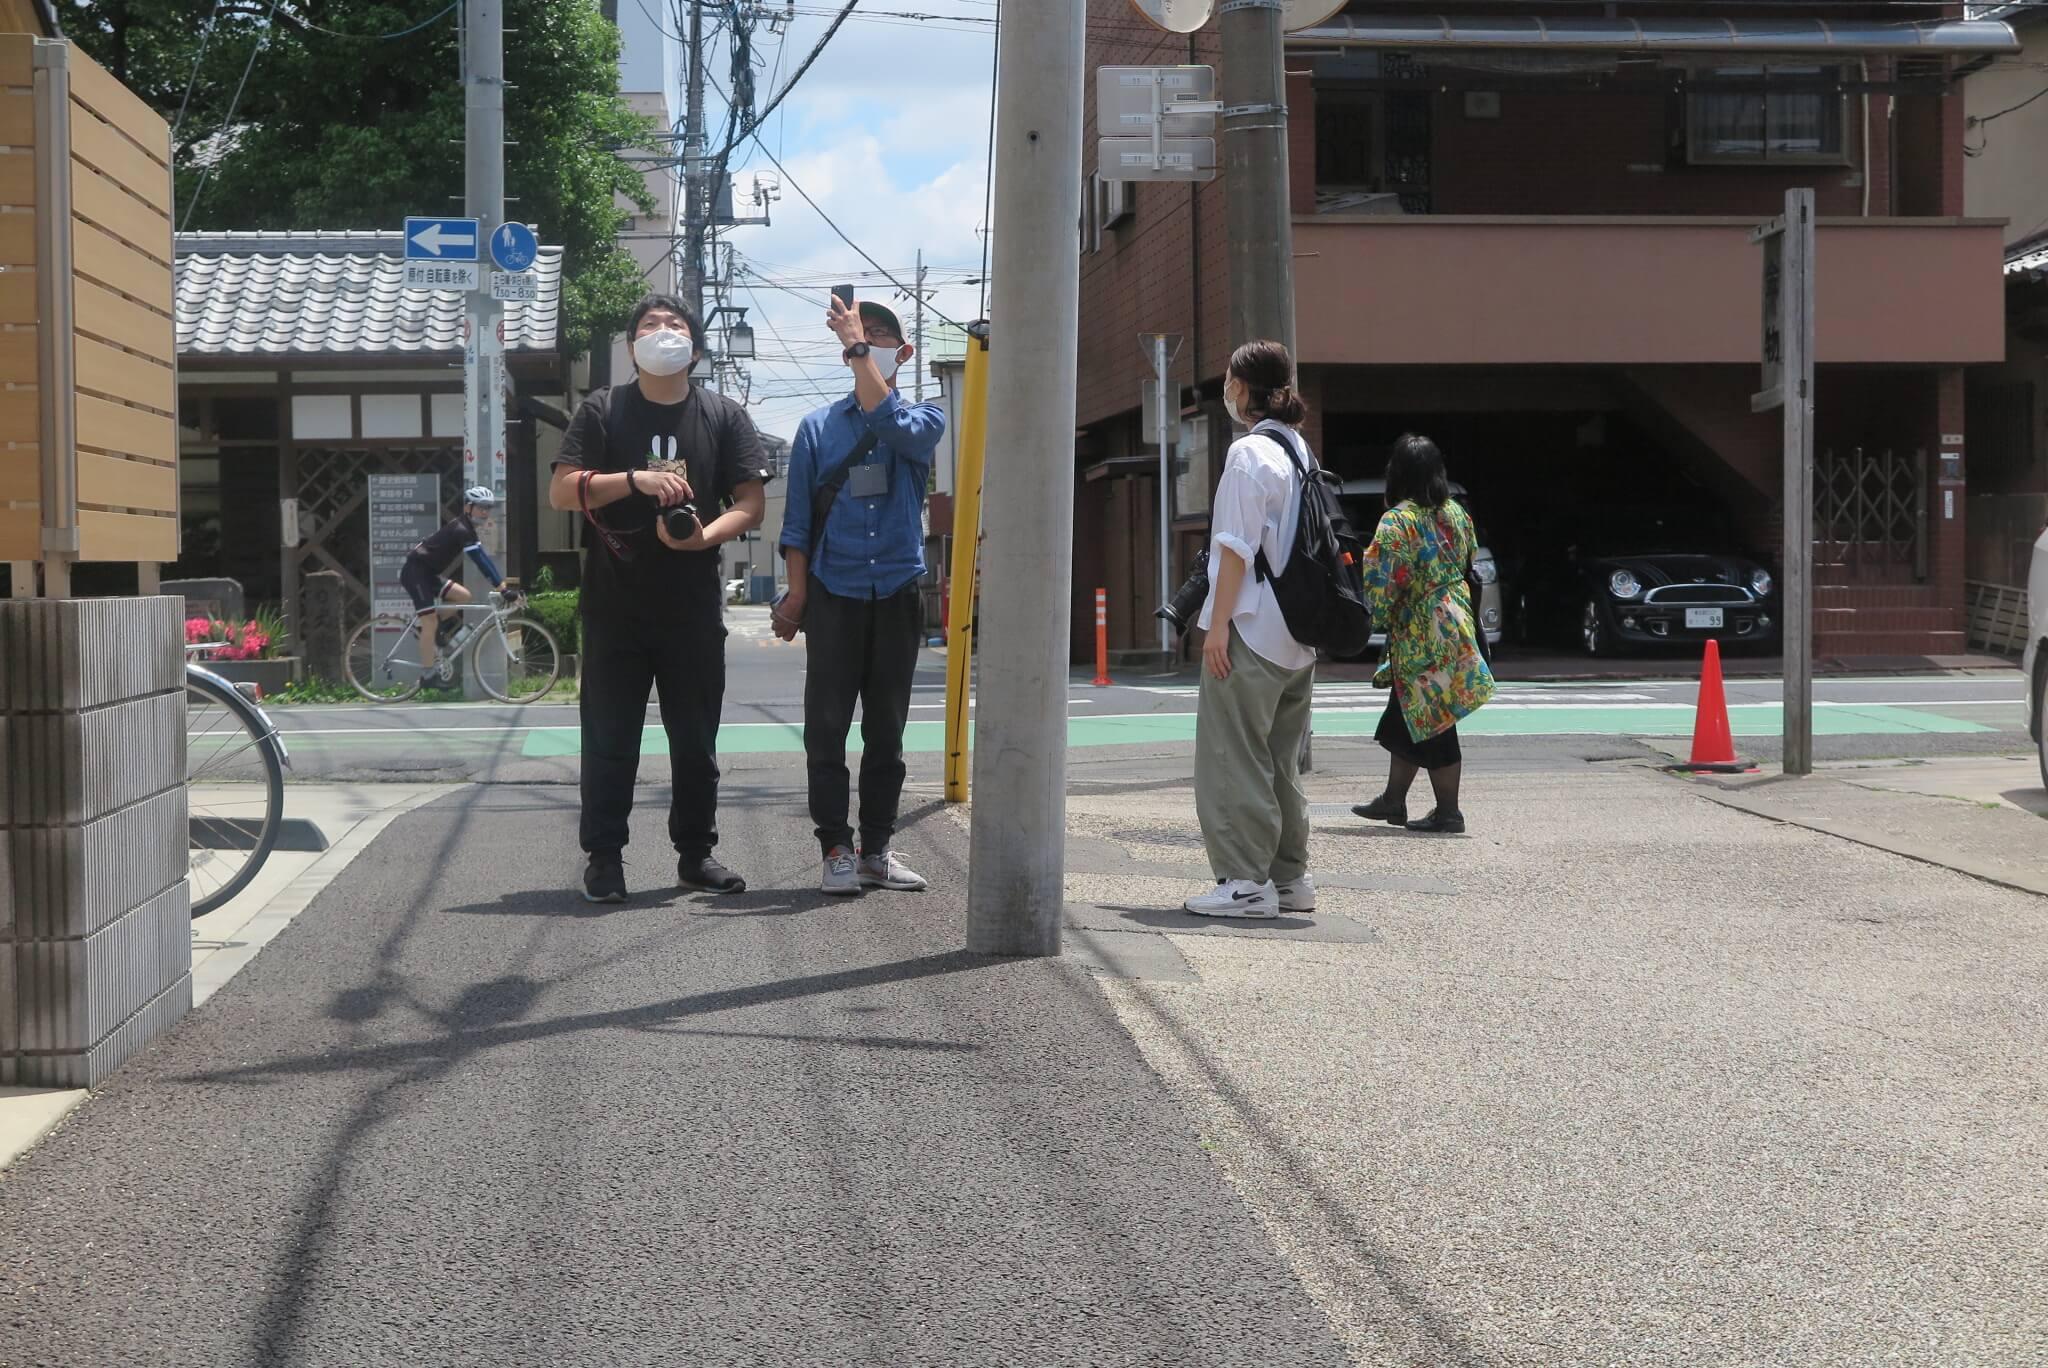 ローカルWEBメディア・地域サイト 草加ローカルストーリー 草加カメラ部 草加レポート 旧日光街道へ